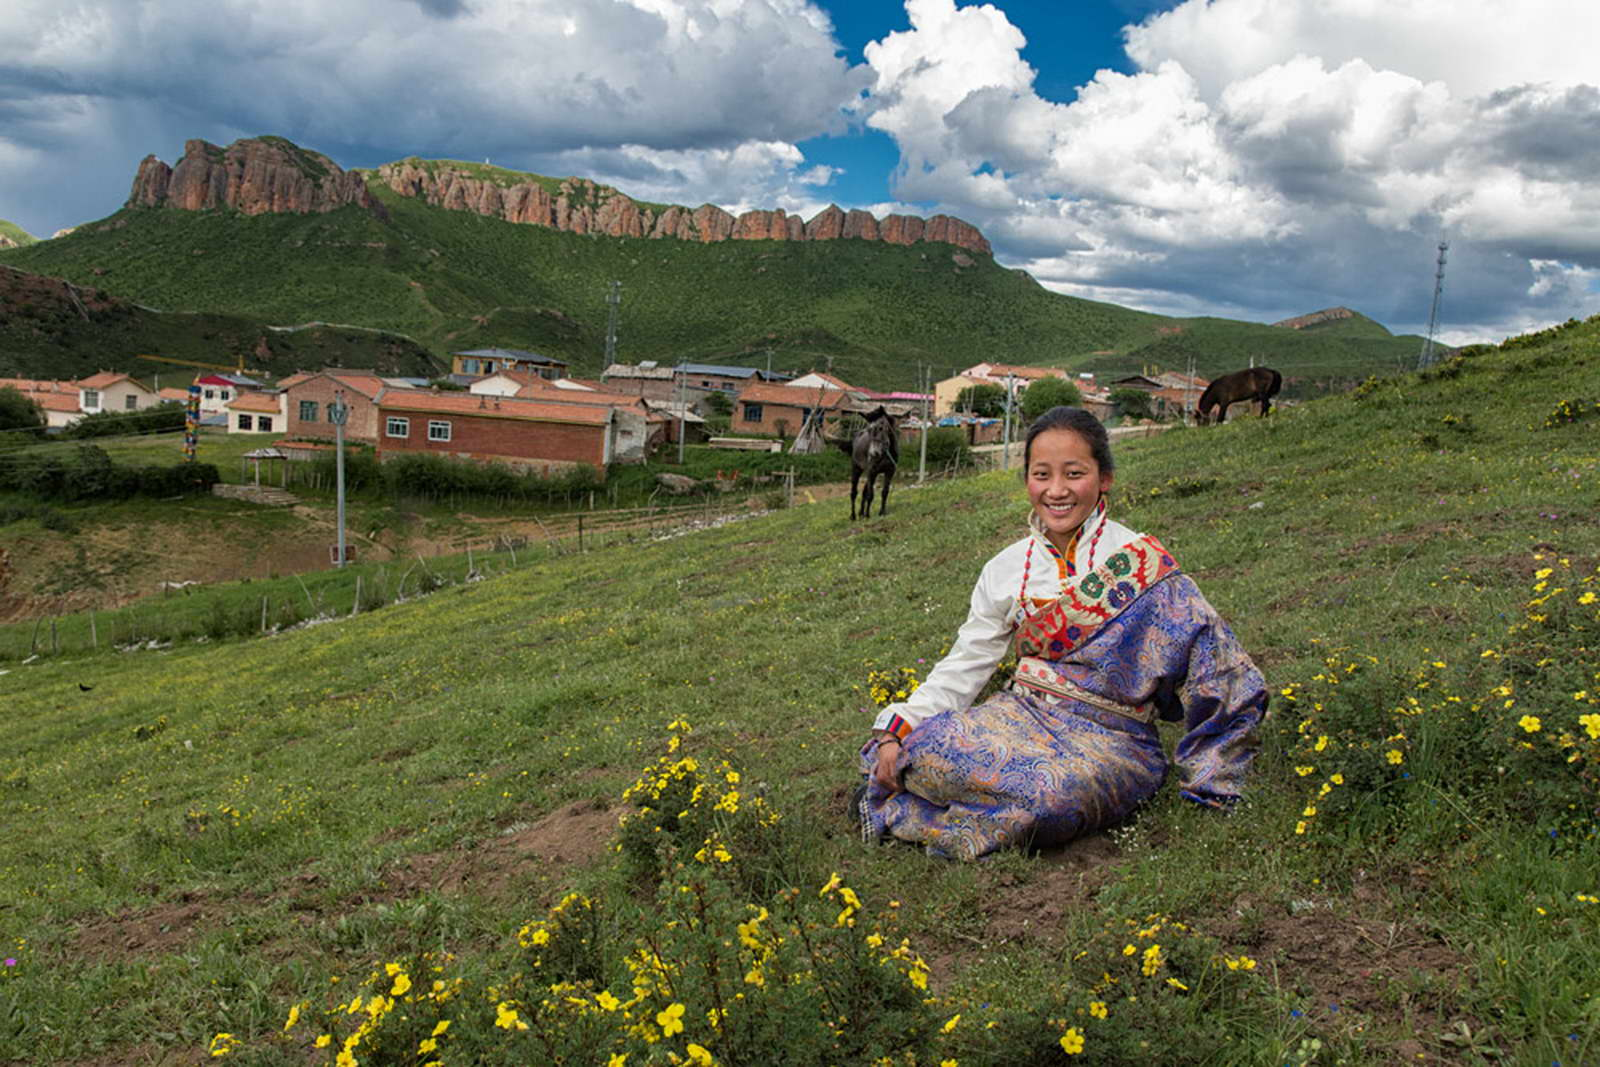 其他 谢昌建《微笑》13507946488   江西省广昌县河东新区行政中心9334(2016年7月摄于甘南郎木寺,一放马的藏族小姑娘坐在草地上休息,背后是她们的圣山-红山).jpg